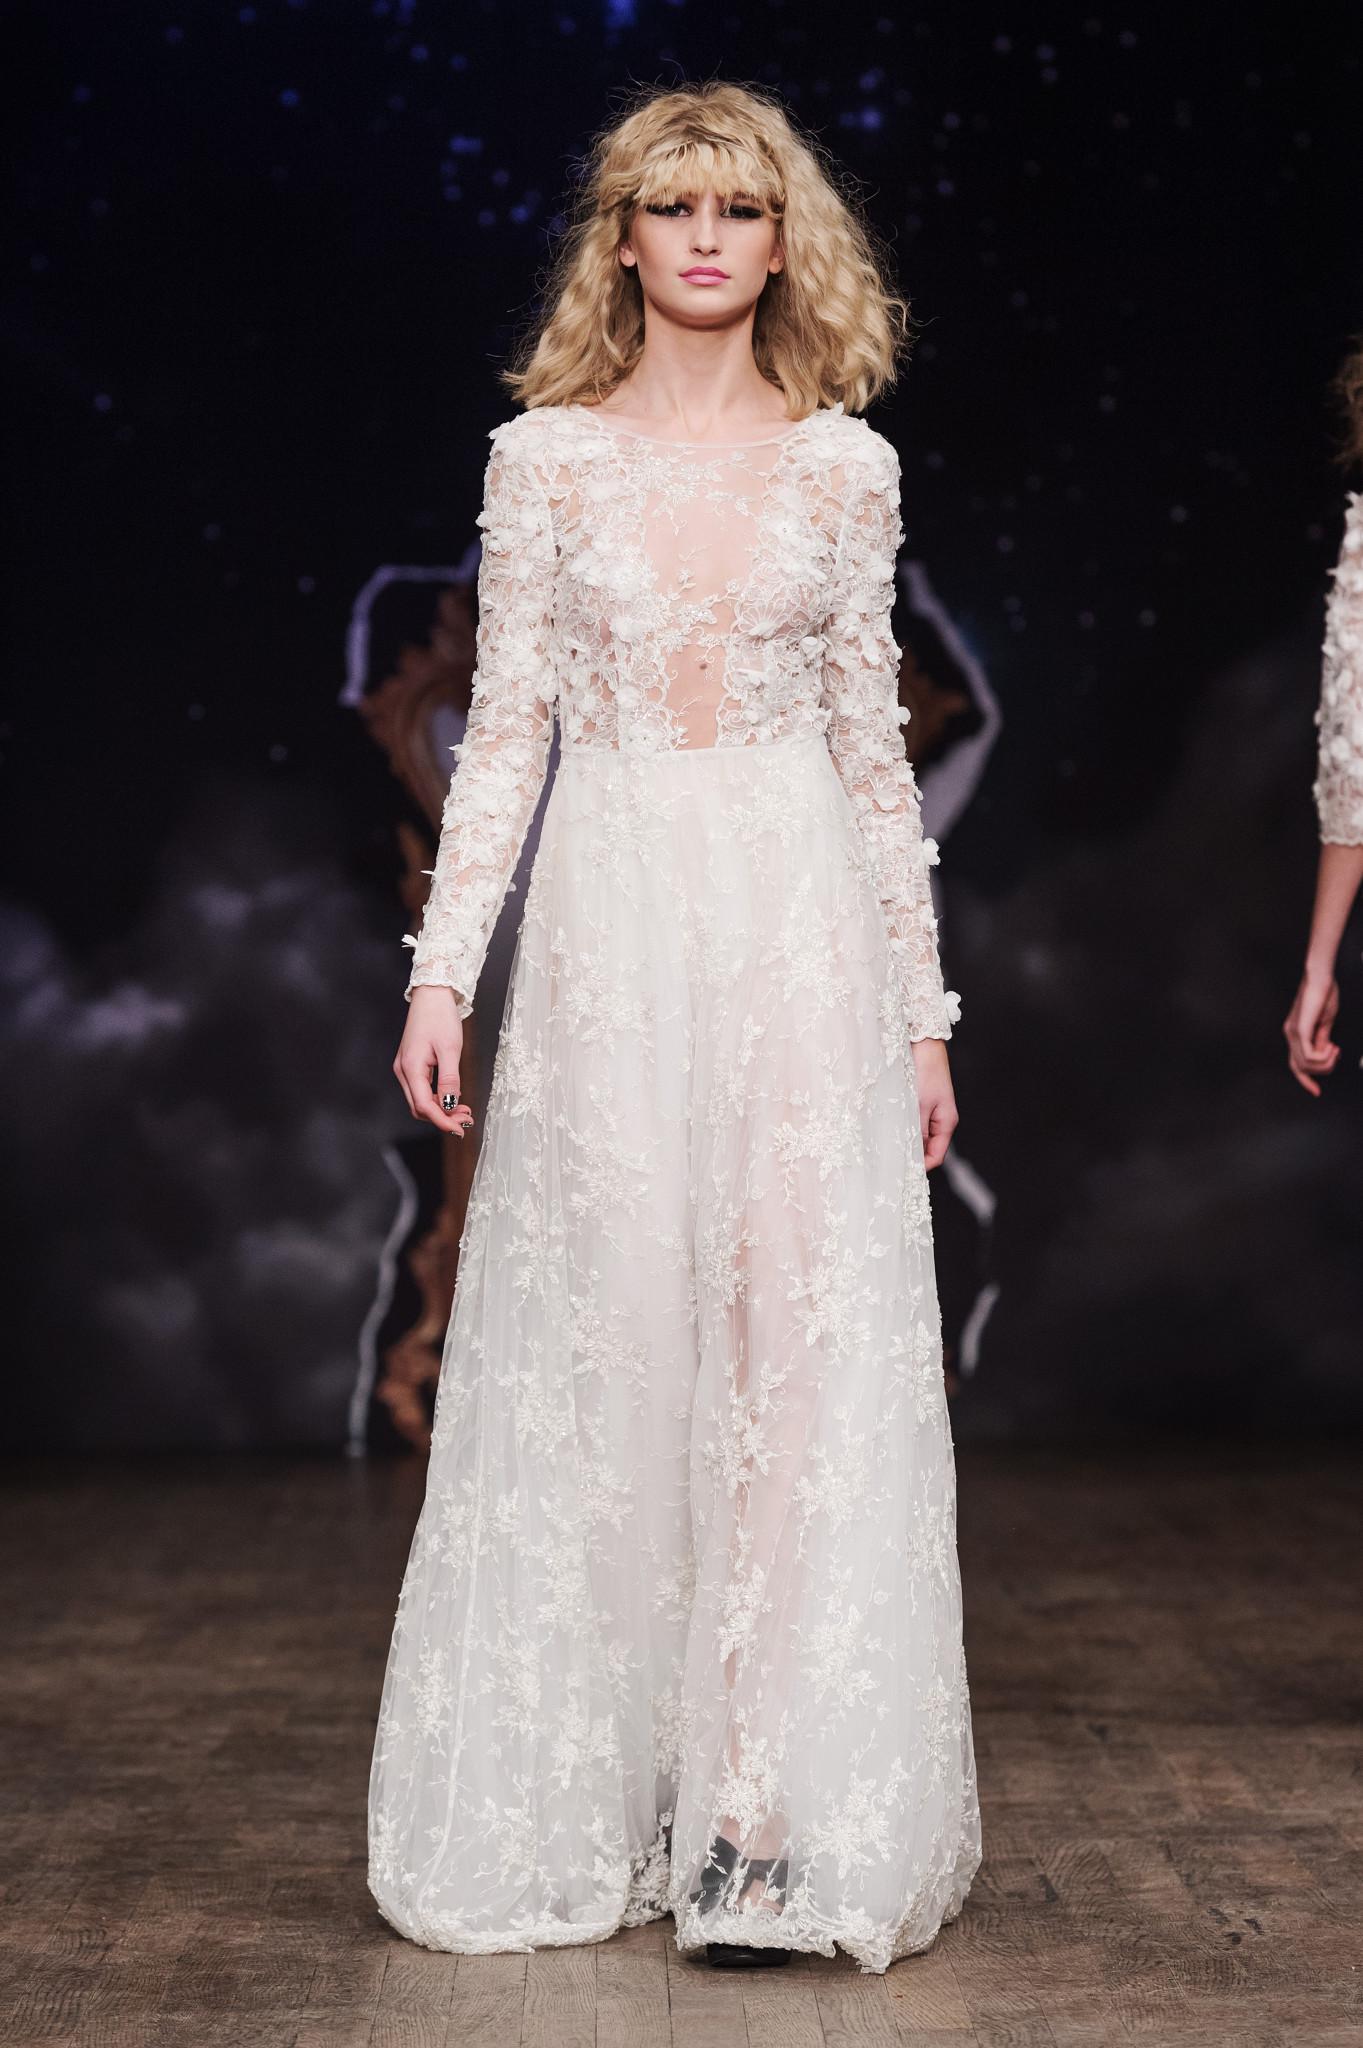 badf1b7fbdd1 8 fantastiska klänningar från Ida Sjöstedt AW16 | Baaam